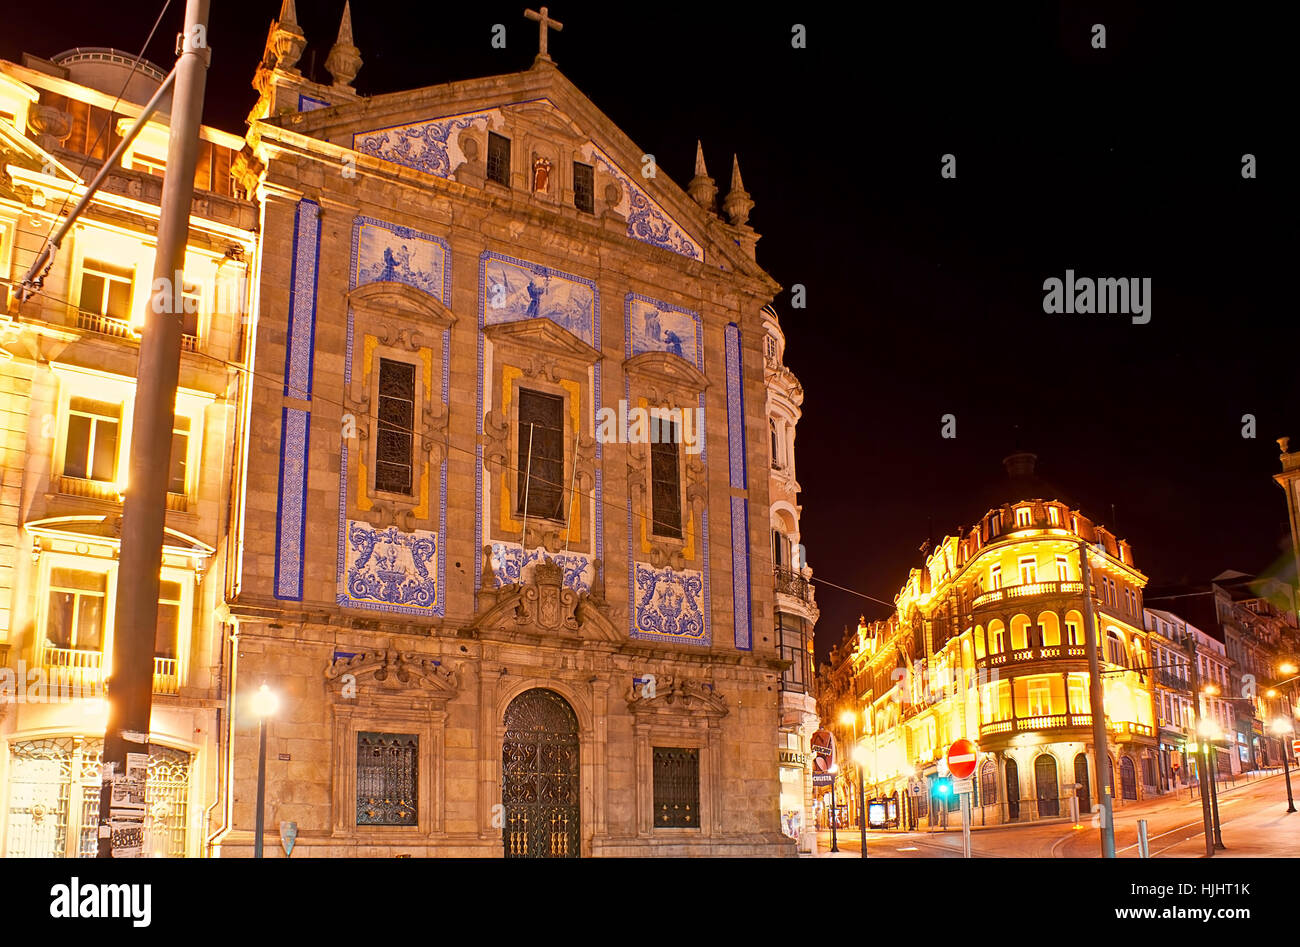 PORTO, PORTUGAL - APRIL 29, 2012: St Antonio Congregados Church, located at Almeida Garrett Square with the scenic - Stock Image